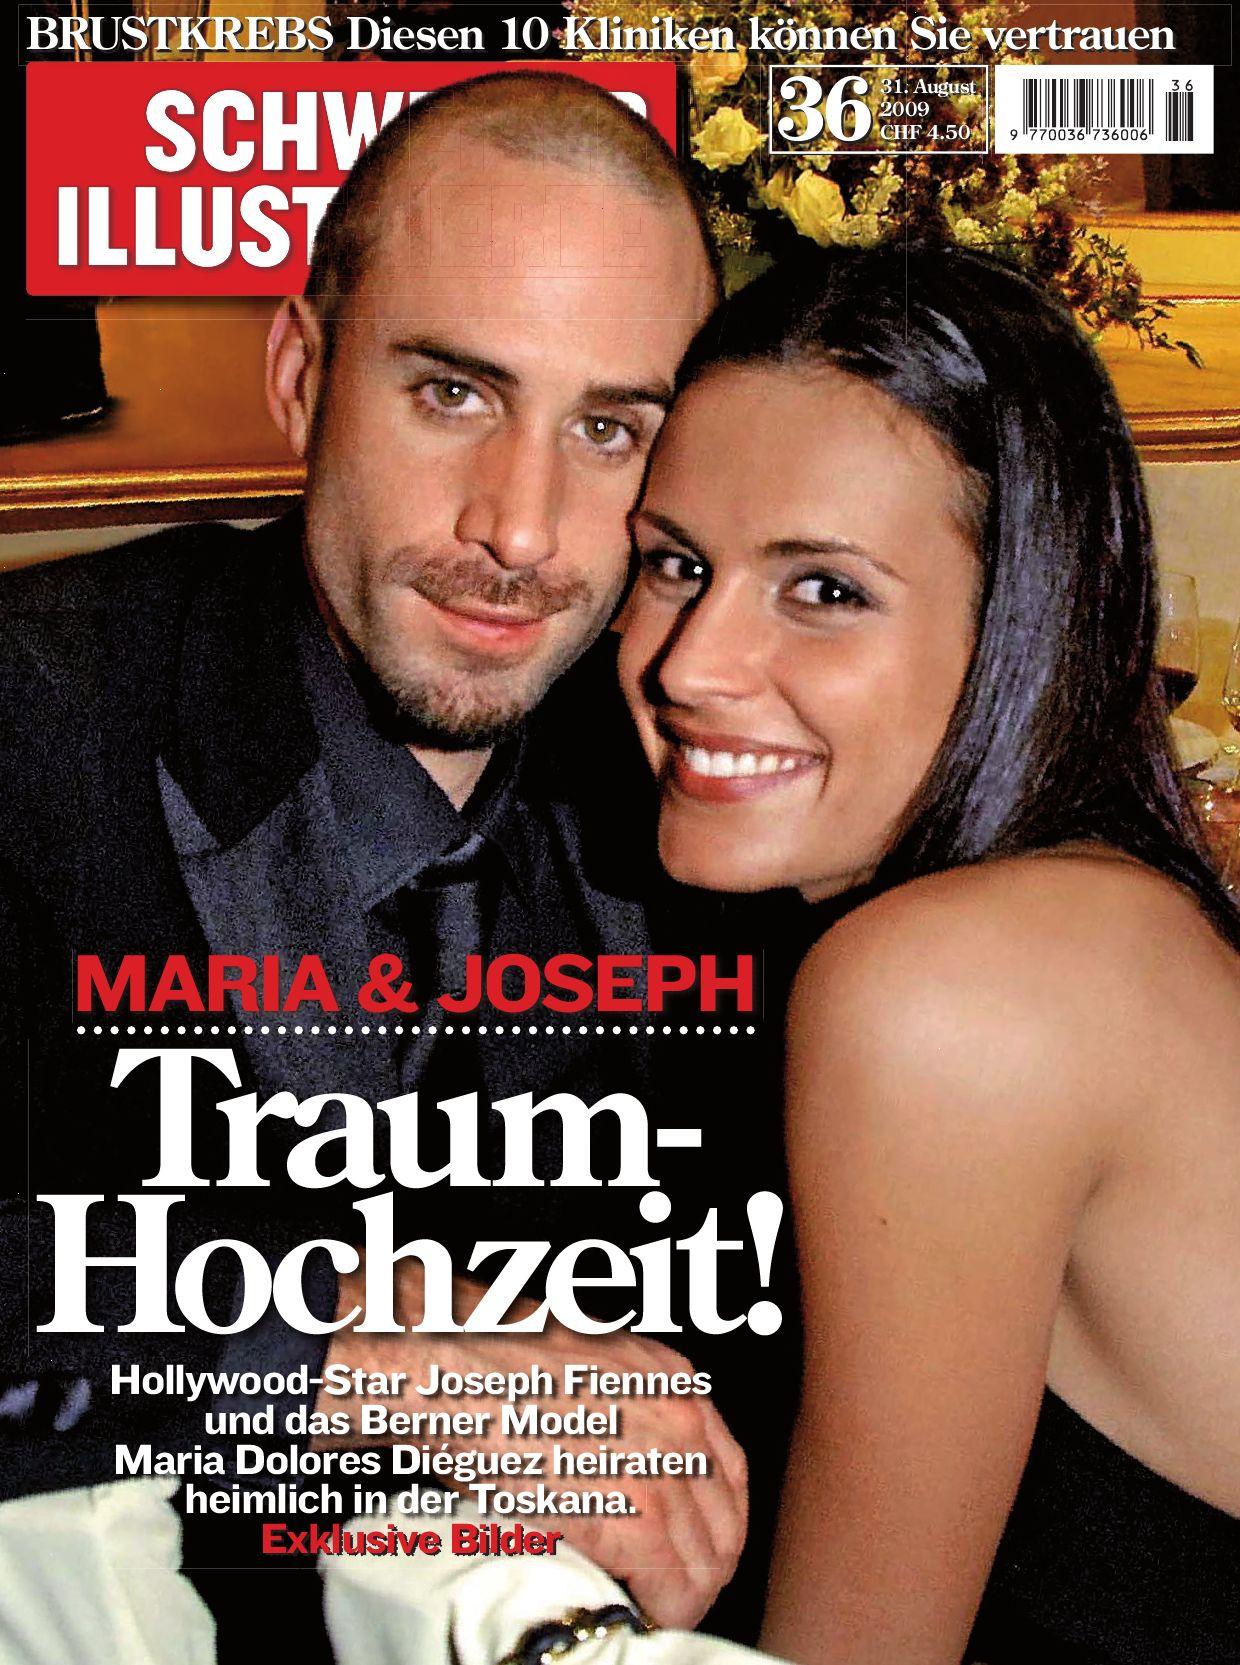 Bekanntschaft Wdenswil Singles - Lesbischer Sex St. Gallen